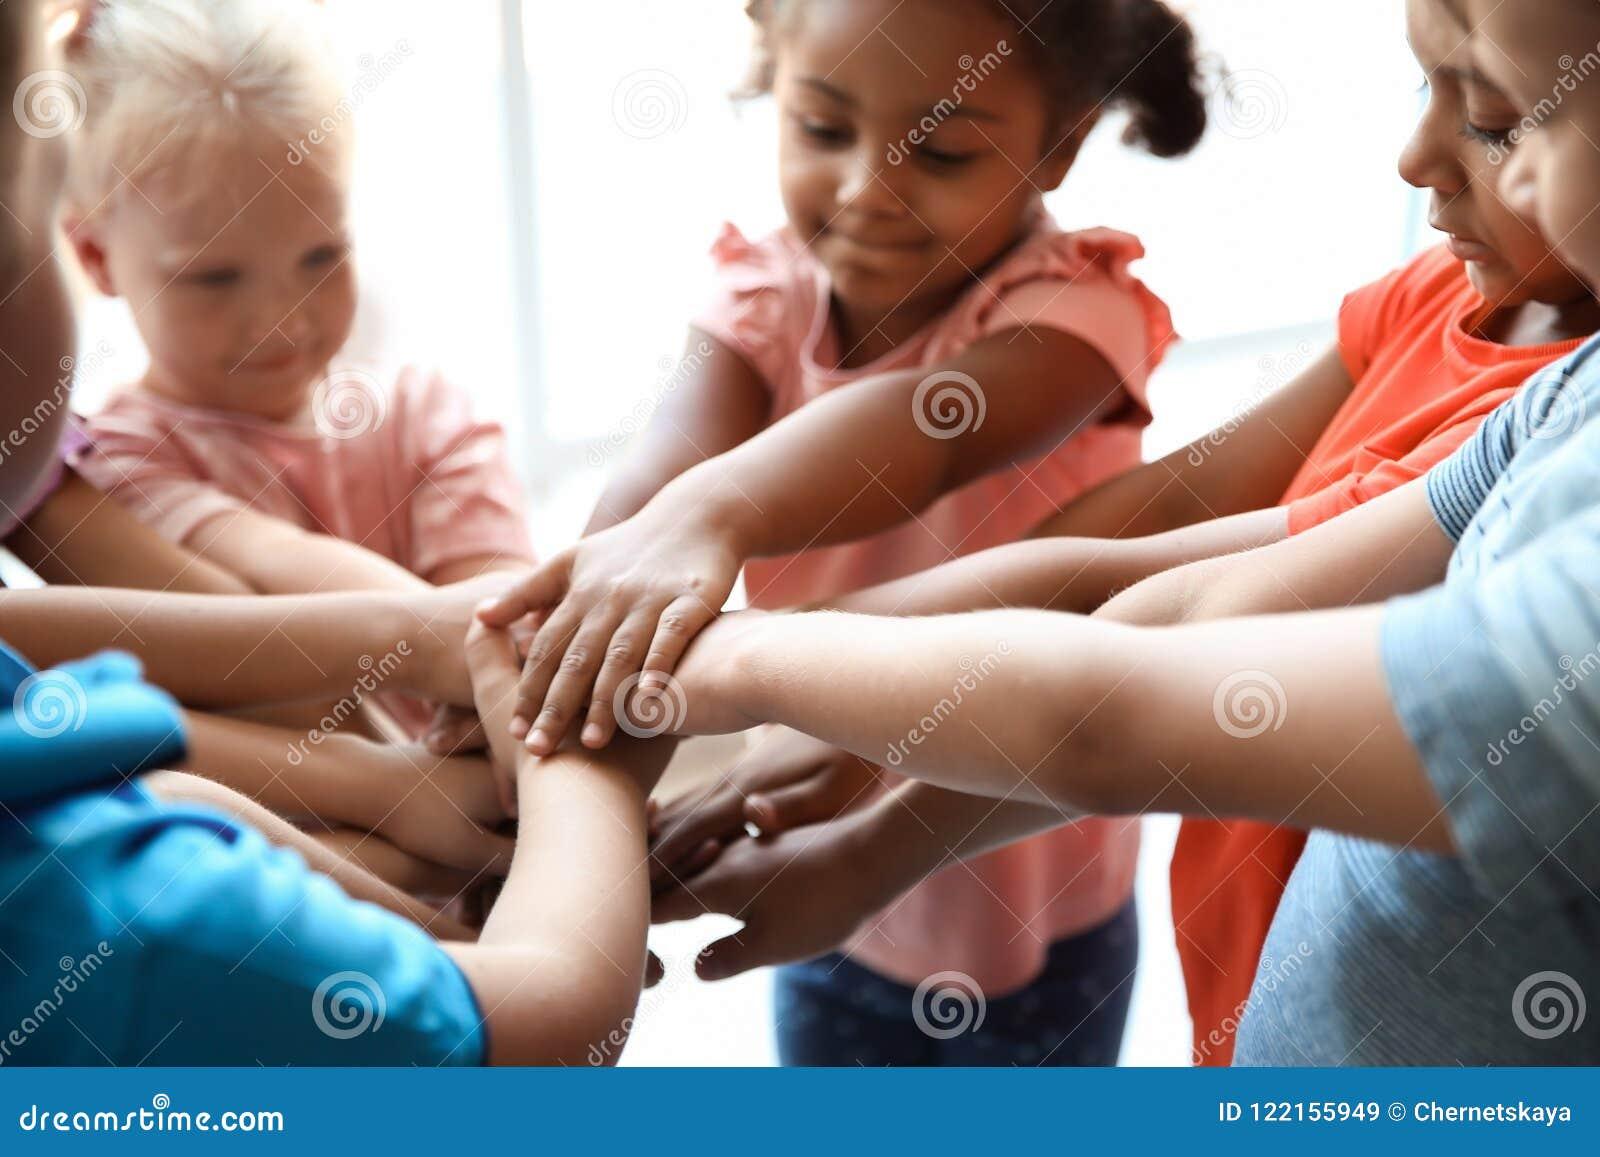 Petits enfants remontant leurs mains, plan rapproché